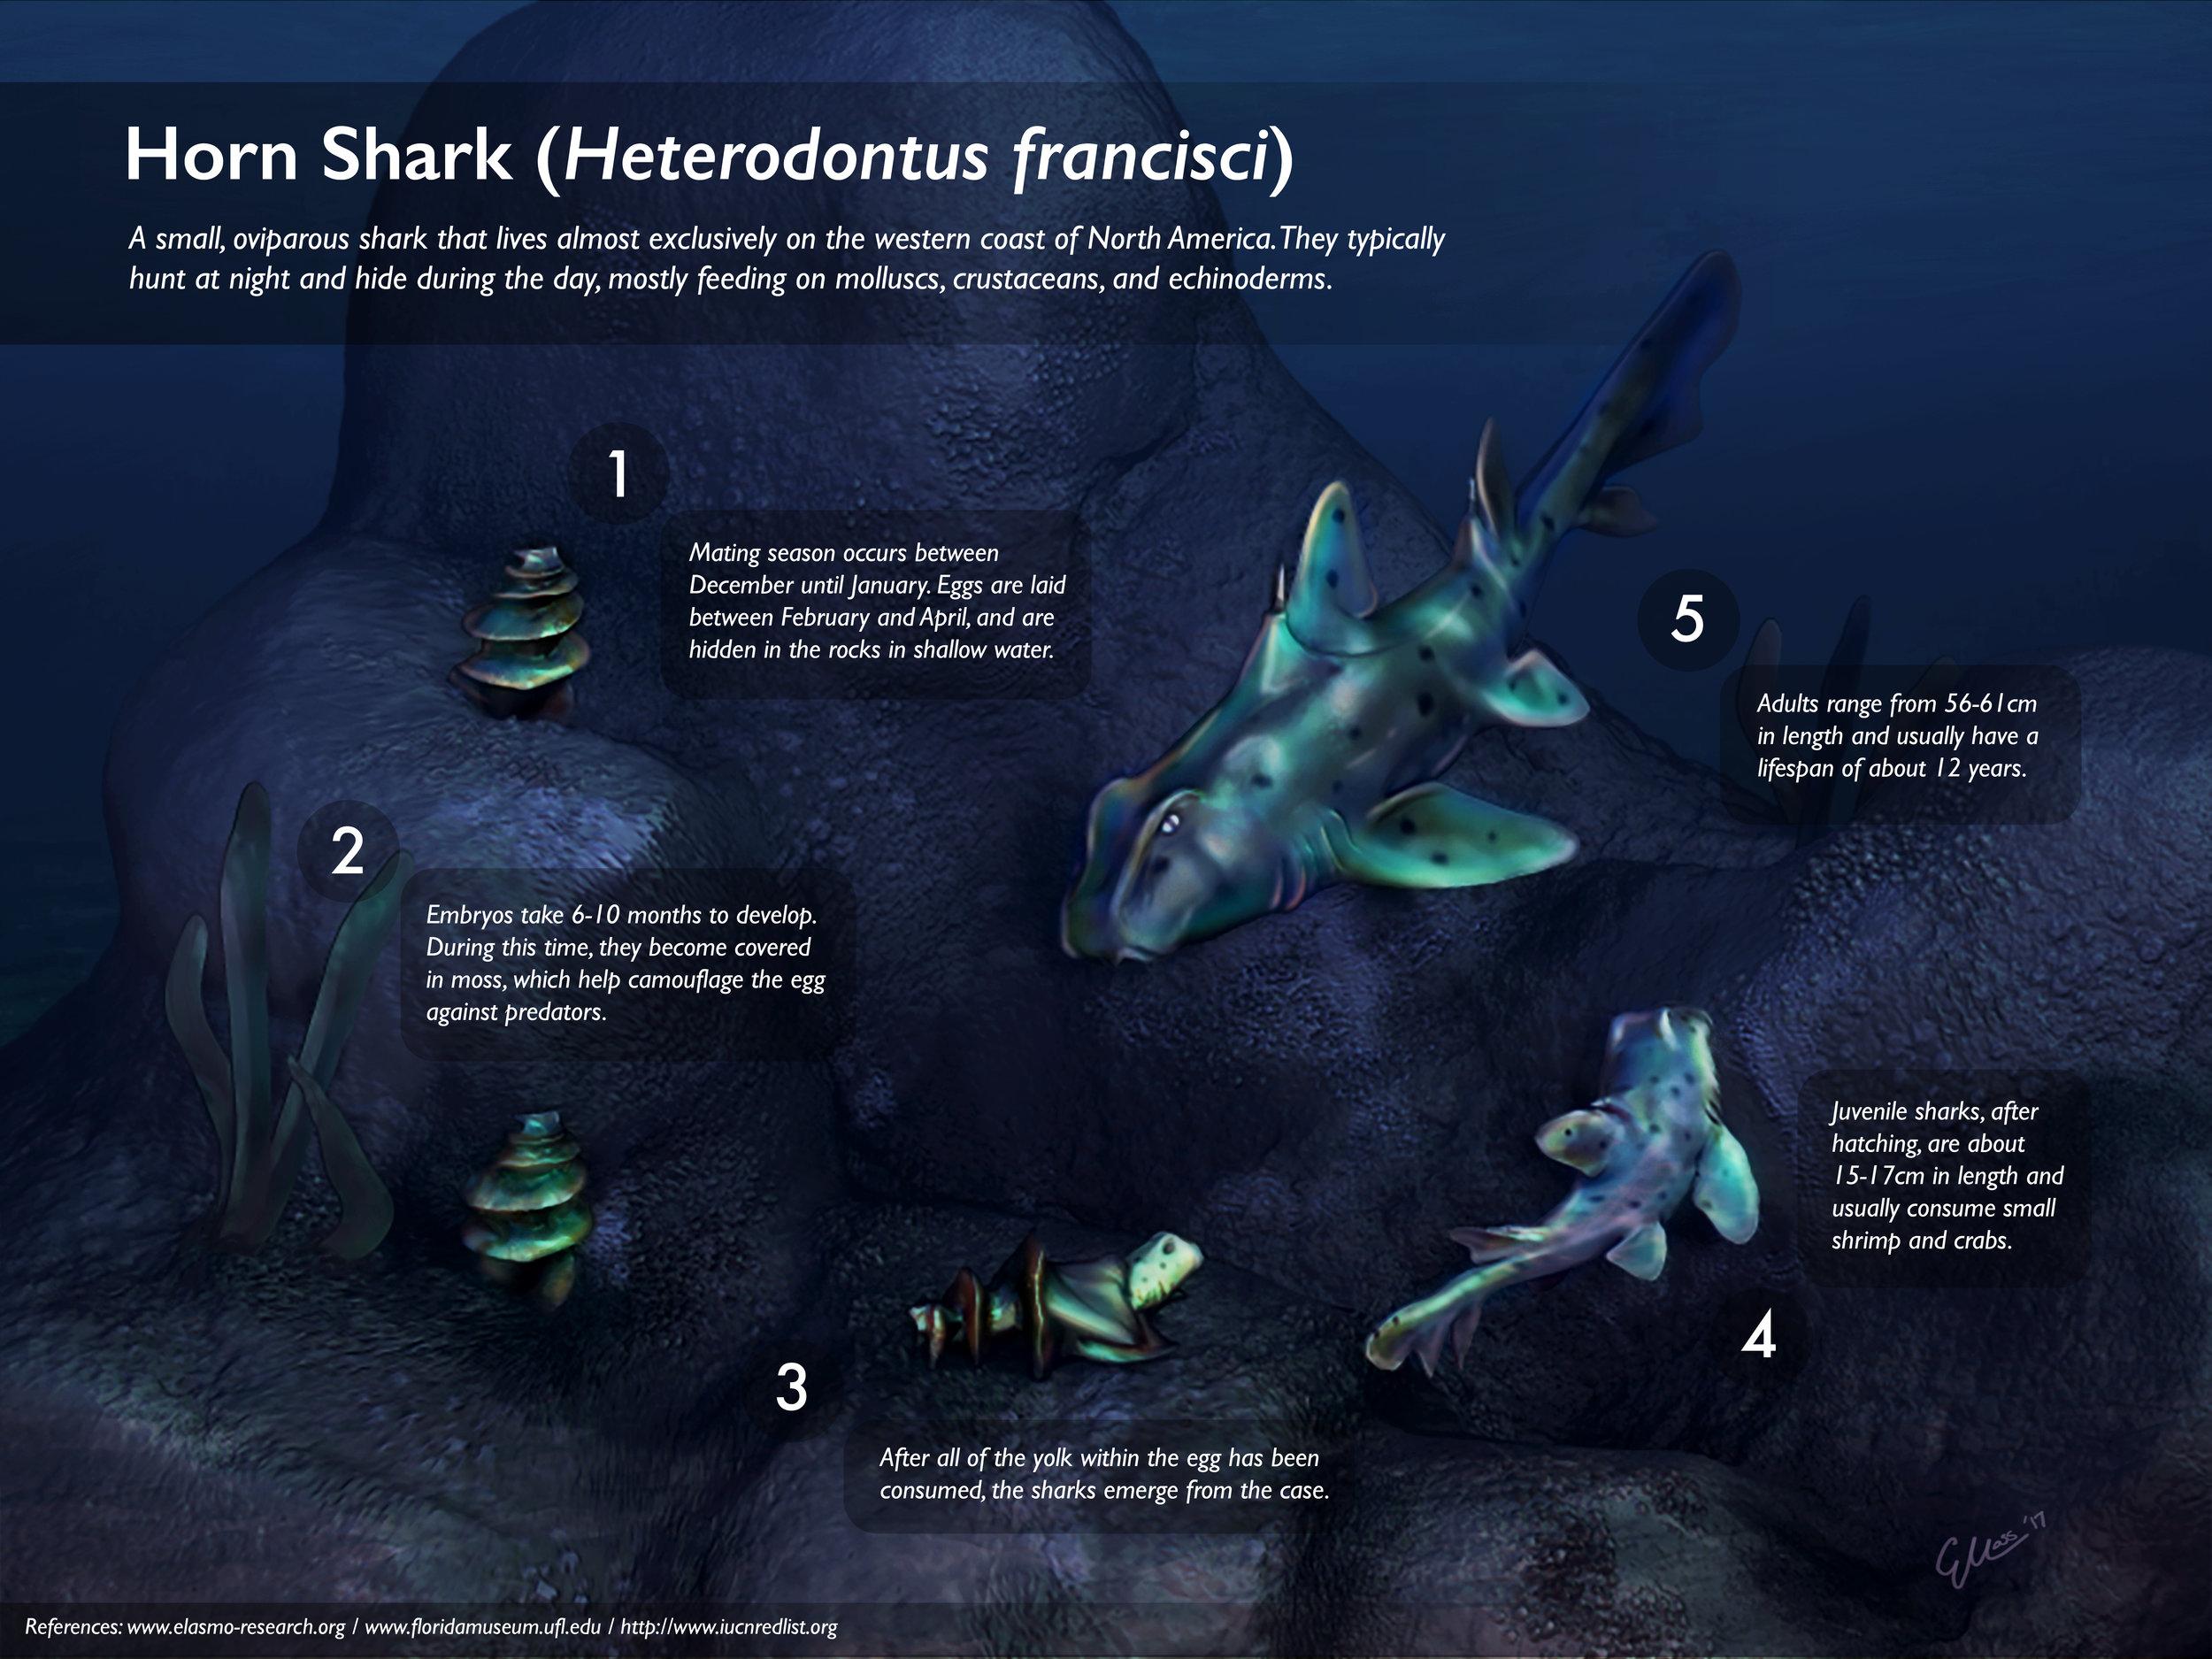 Horn Shark Lifecycle